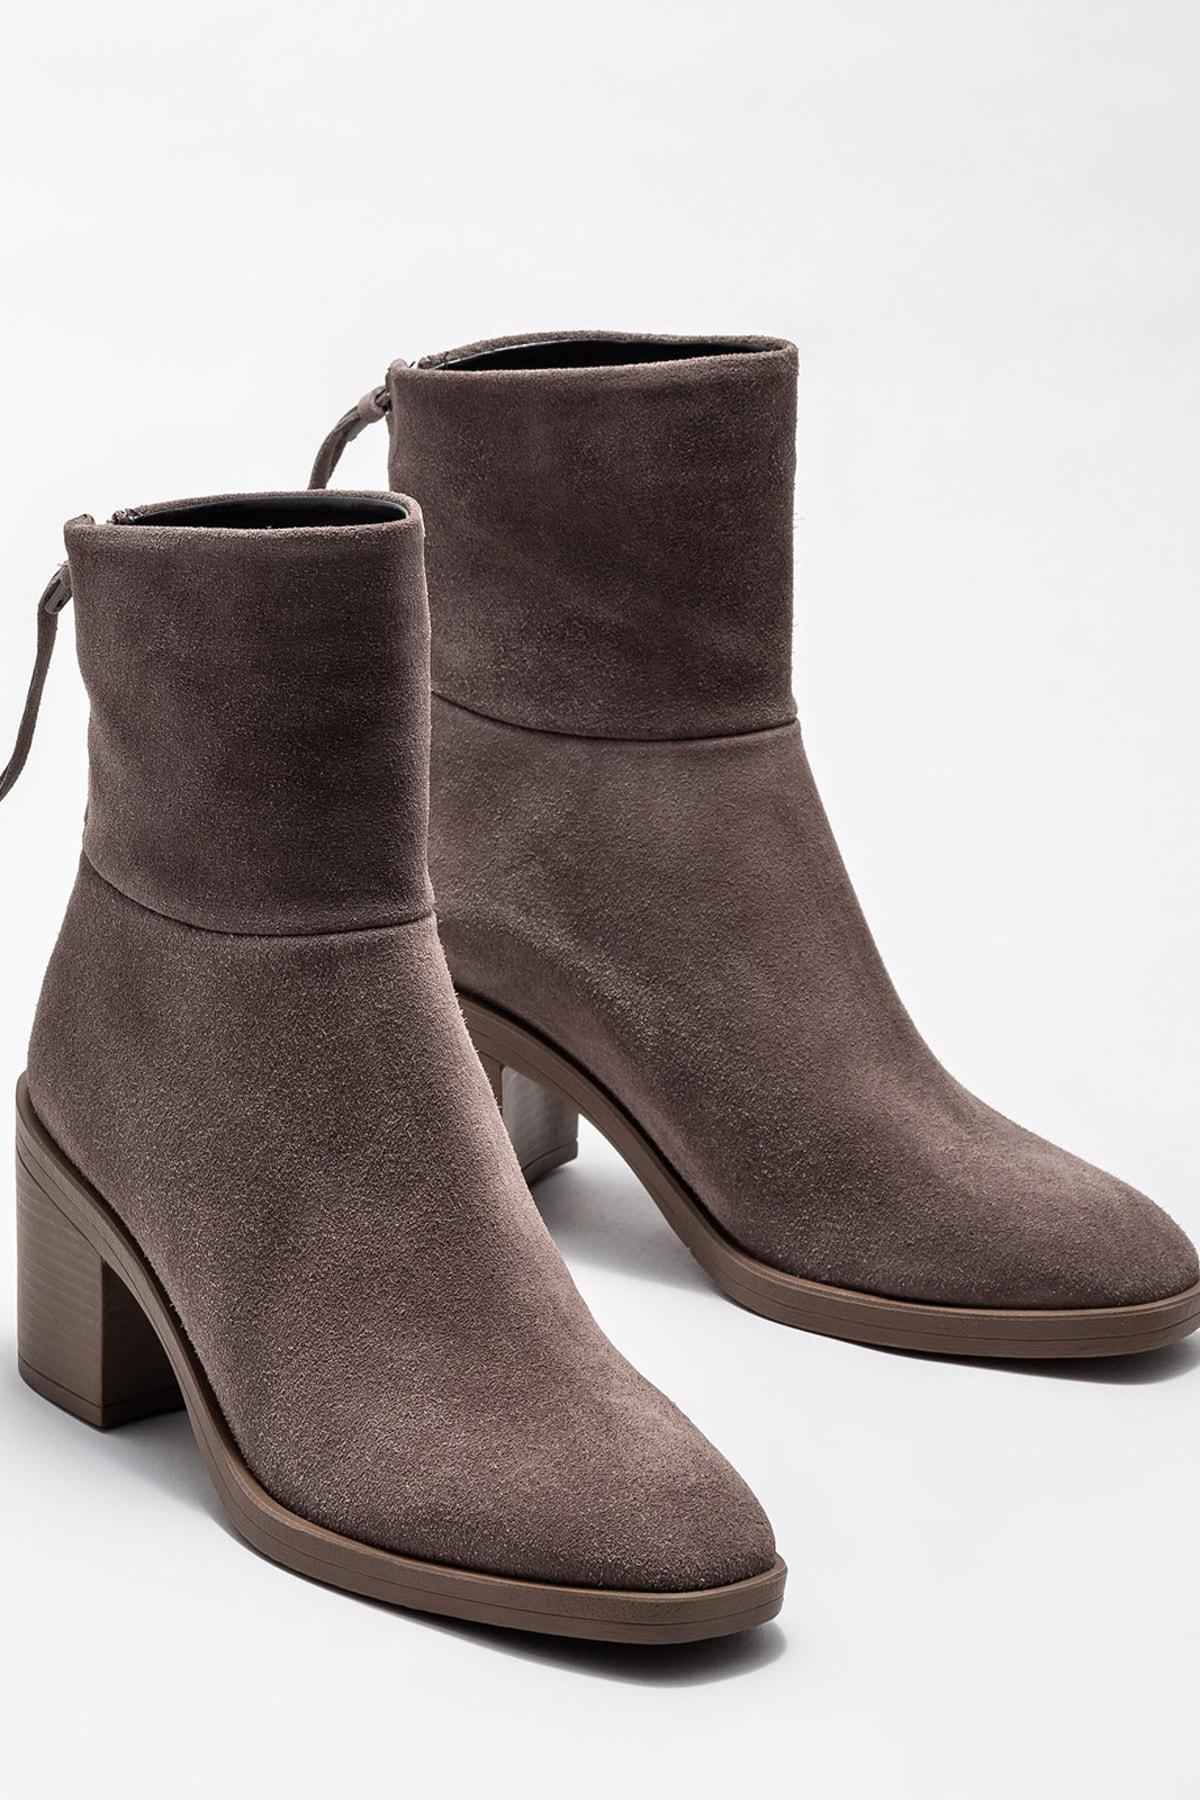 Elle Shoes Bot & Bootie WAYLON 20KDS59201 2